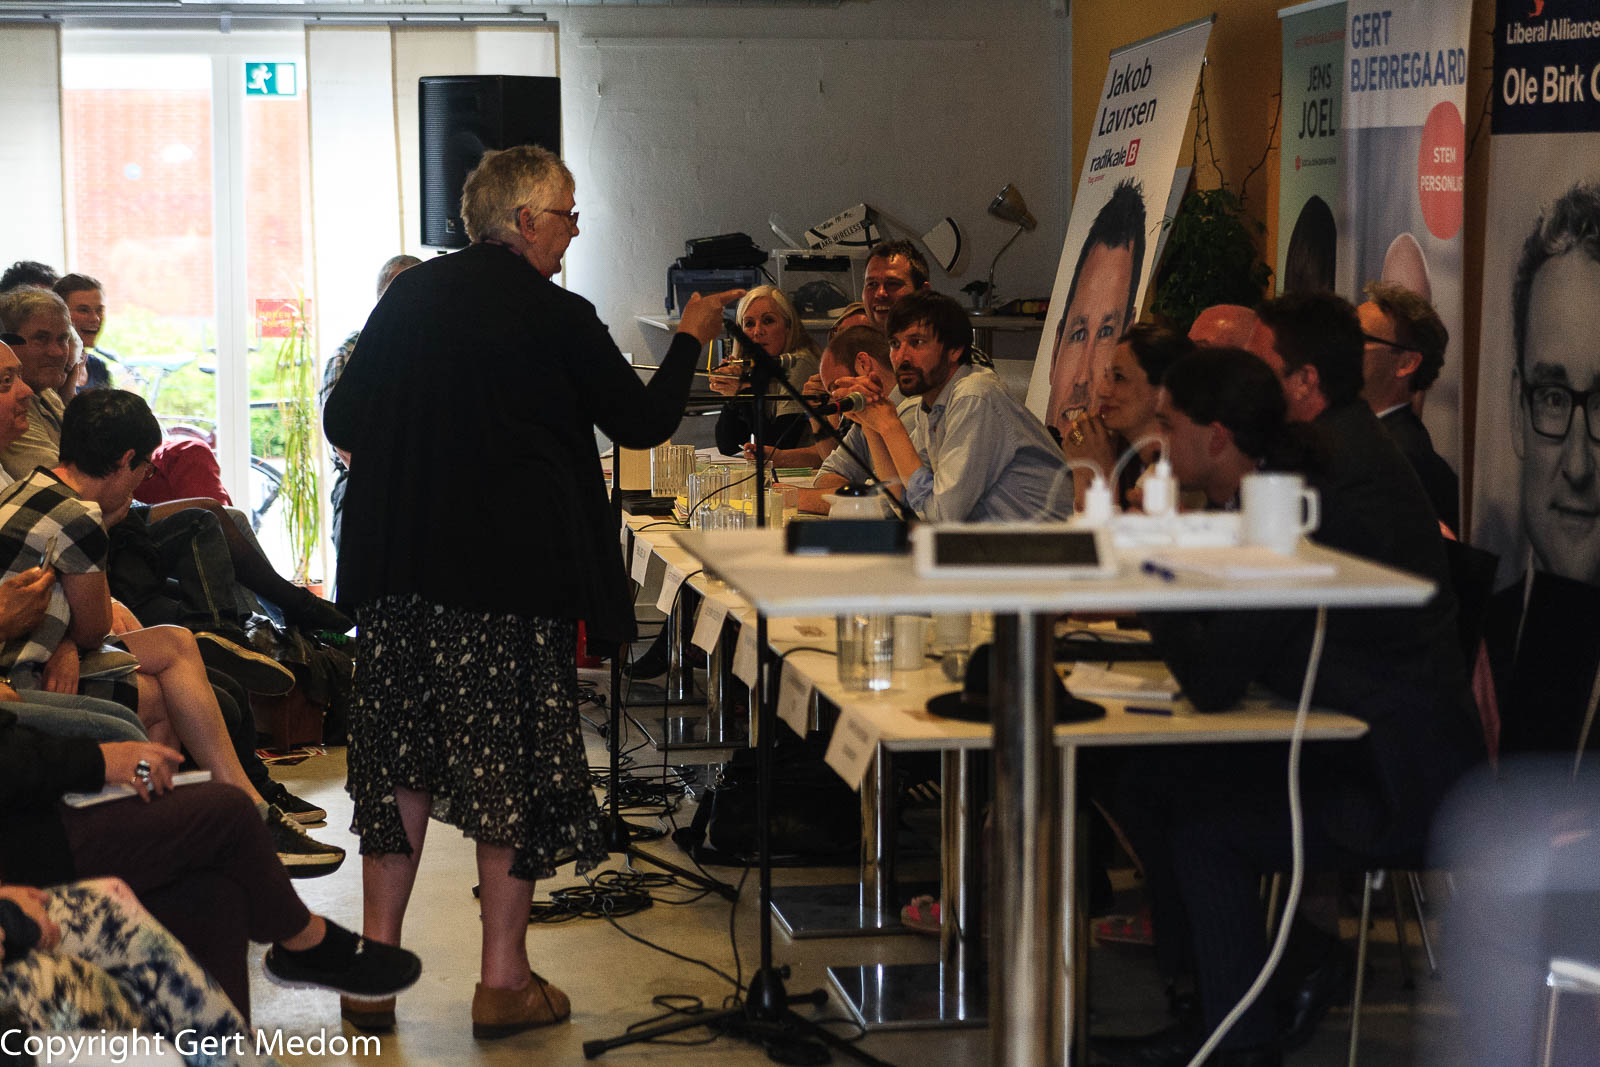 En lokal beboer i Herredsvang tager ordet og fortæller politikerne om, hvordan socialpolitikken opleves af de menige beboere